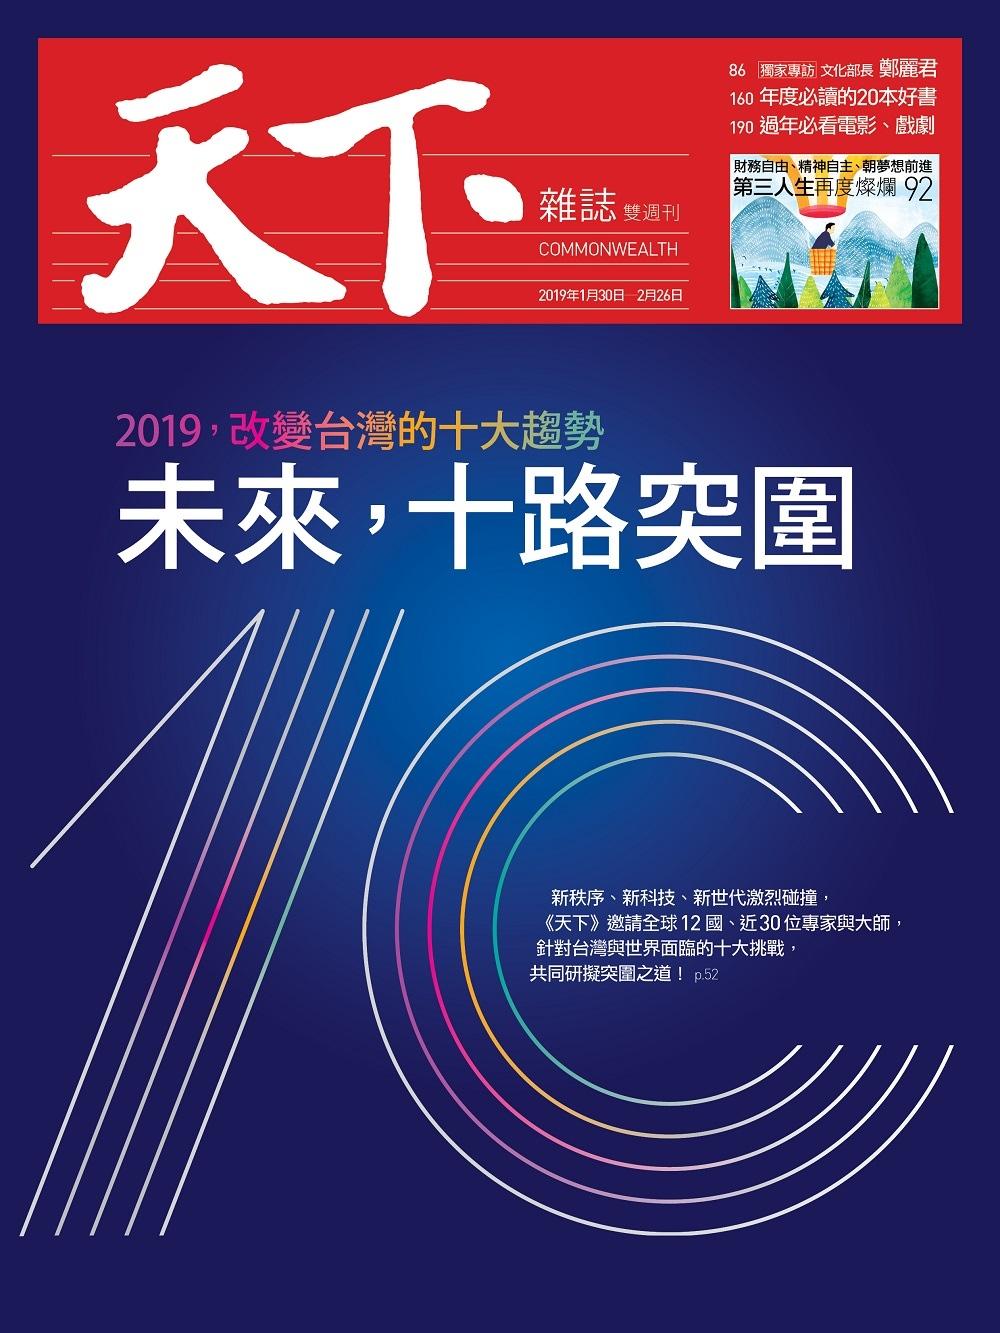 天下雜誌 2019/1/30 第666期:十路突圍